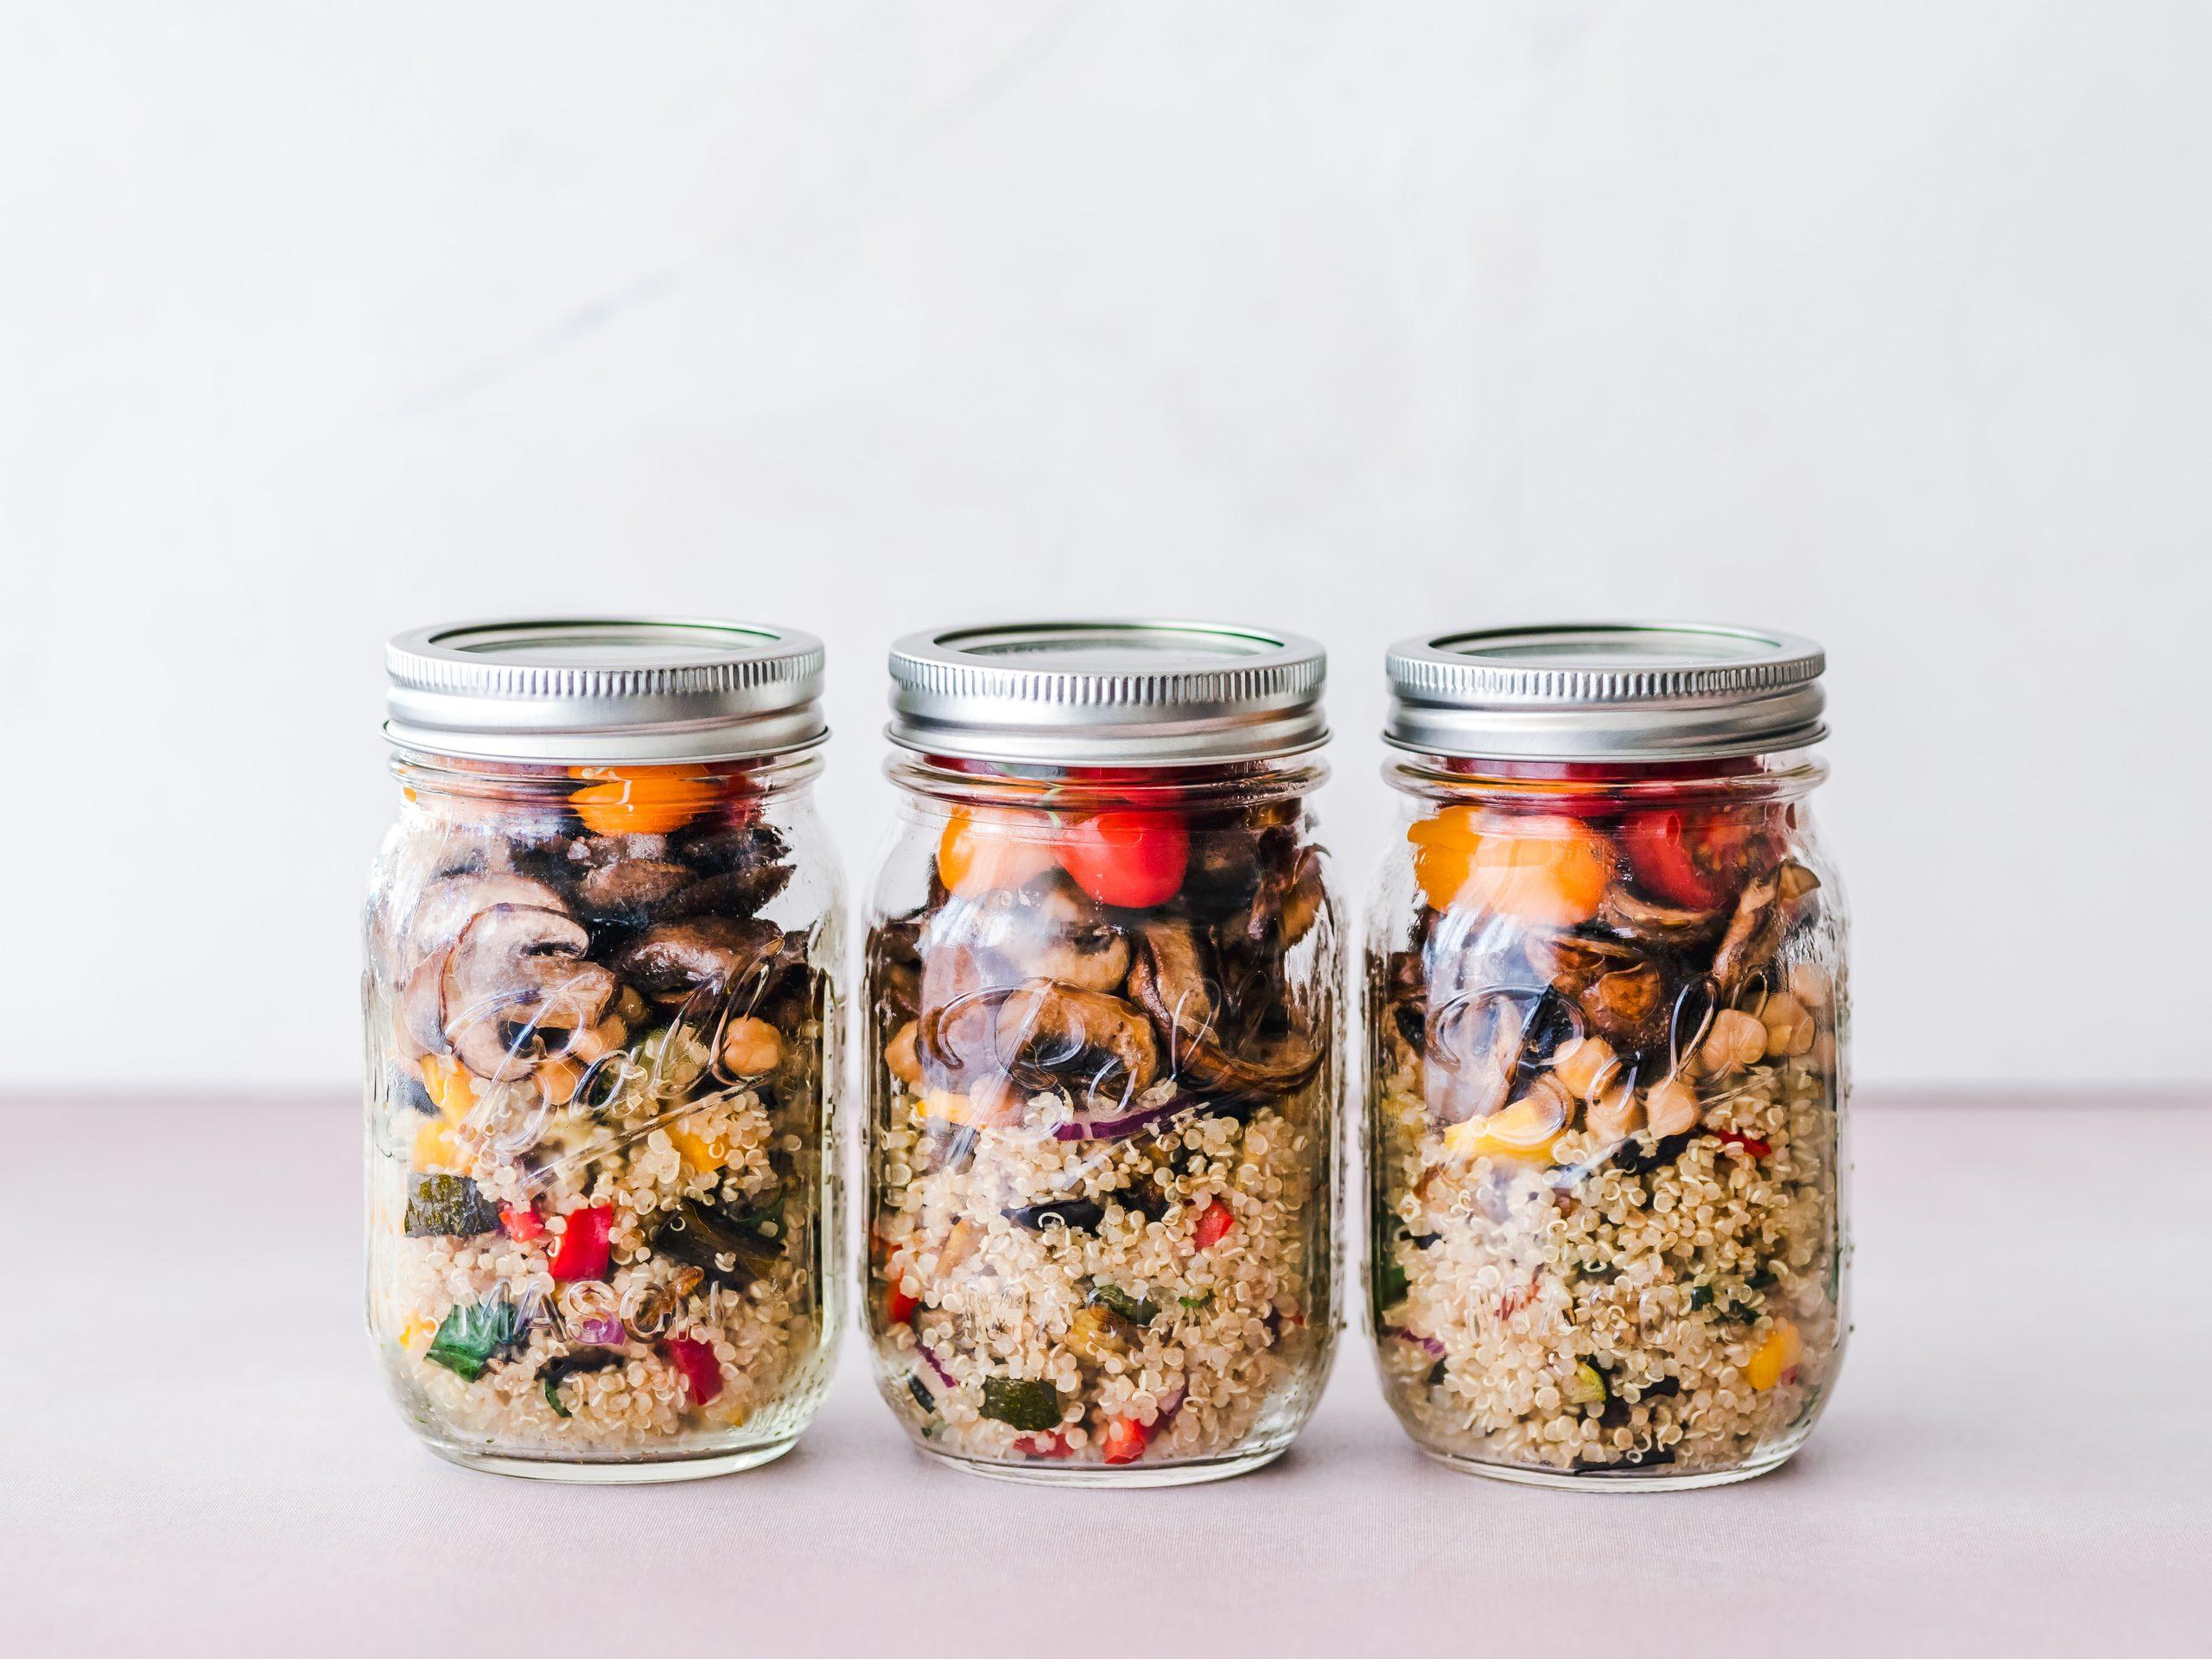 3 pots transparents remplis d'aliments qui constituent une salade composée